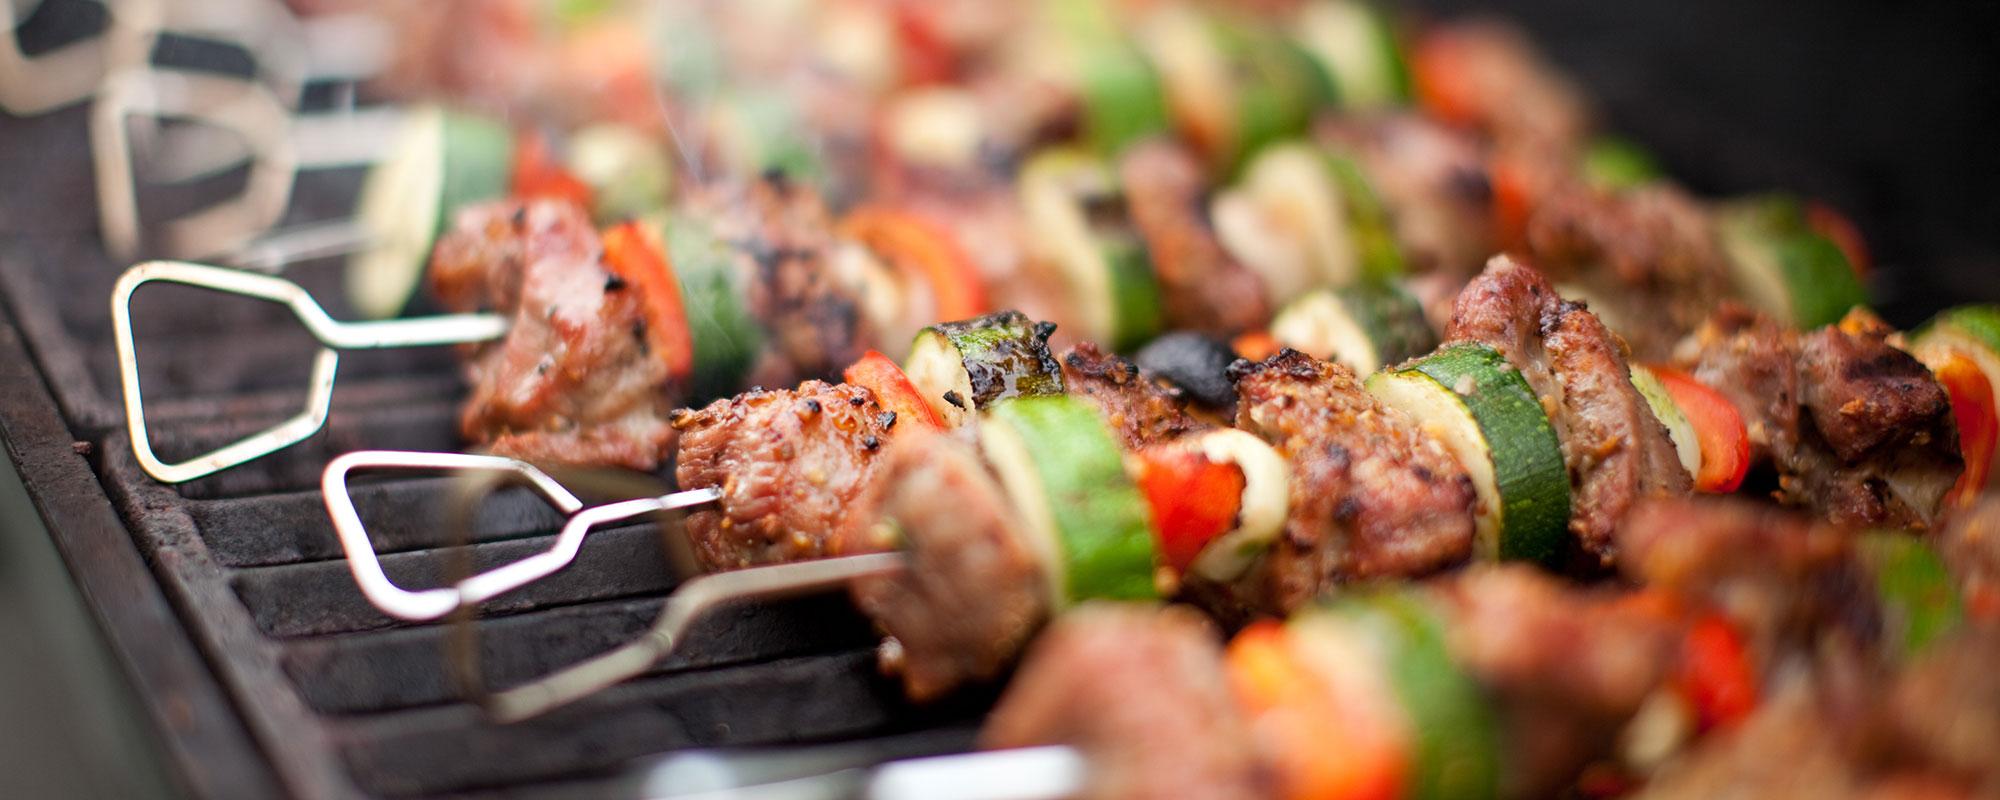 Fleischerei und Feinkost Sygusch - Catering Service Sommergrillen - Bielefeld